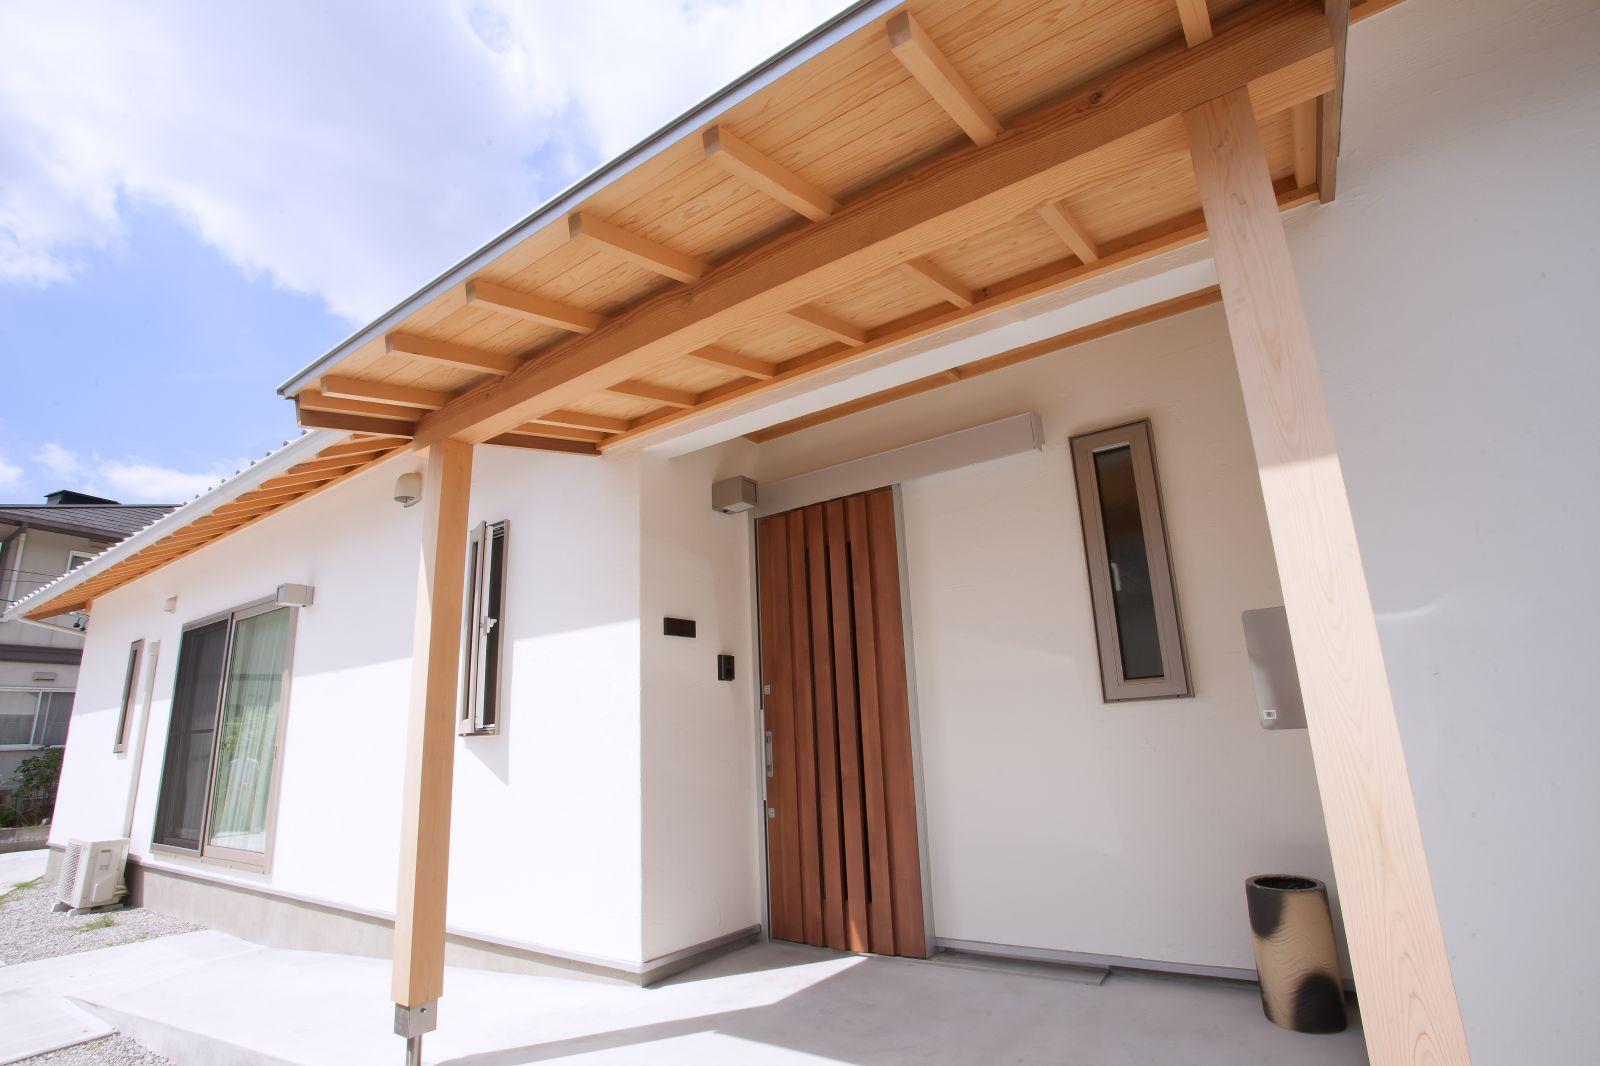 平屋造りで叶える 将来を見据えた和風の家